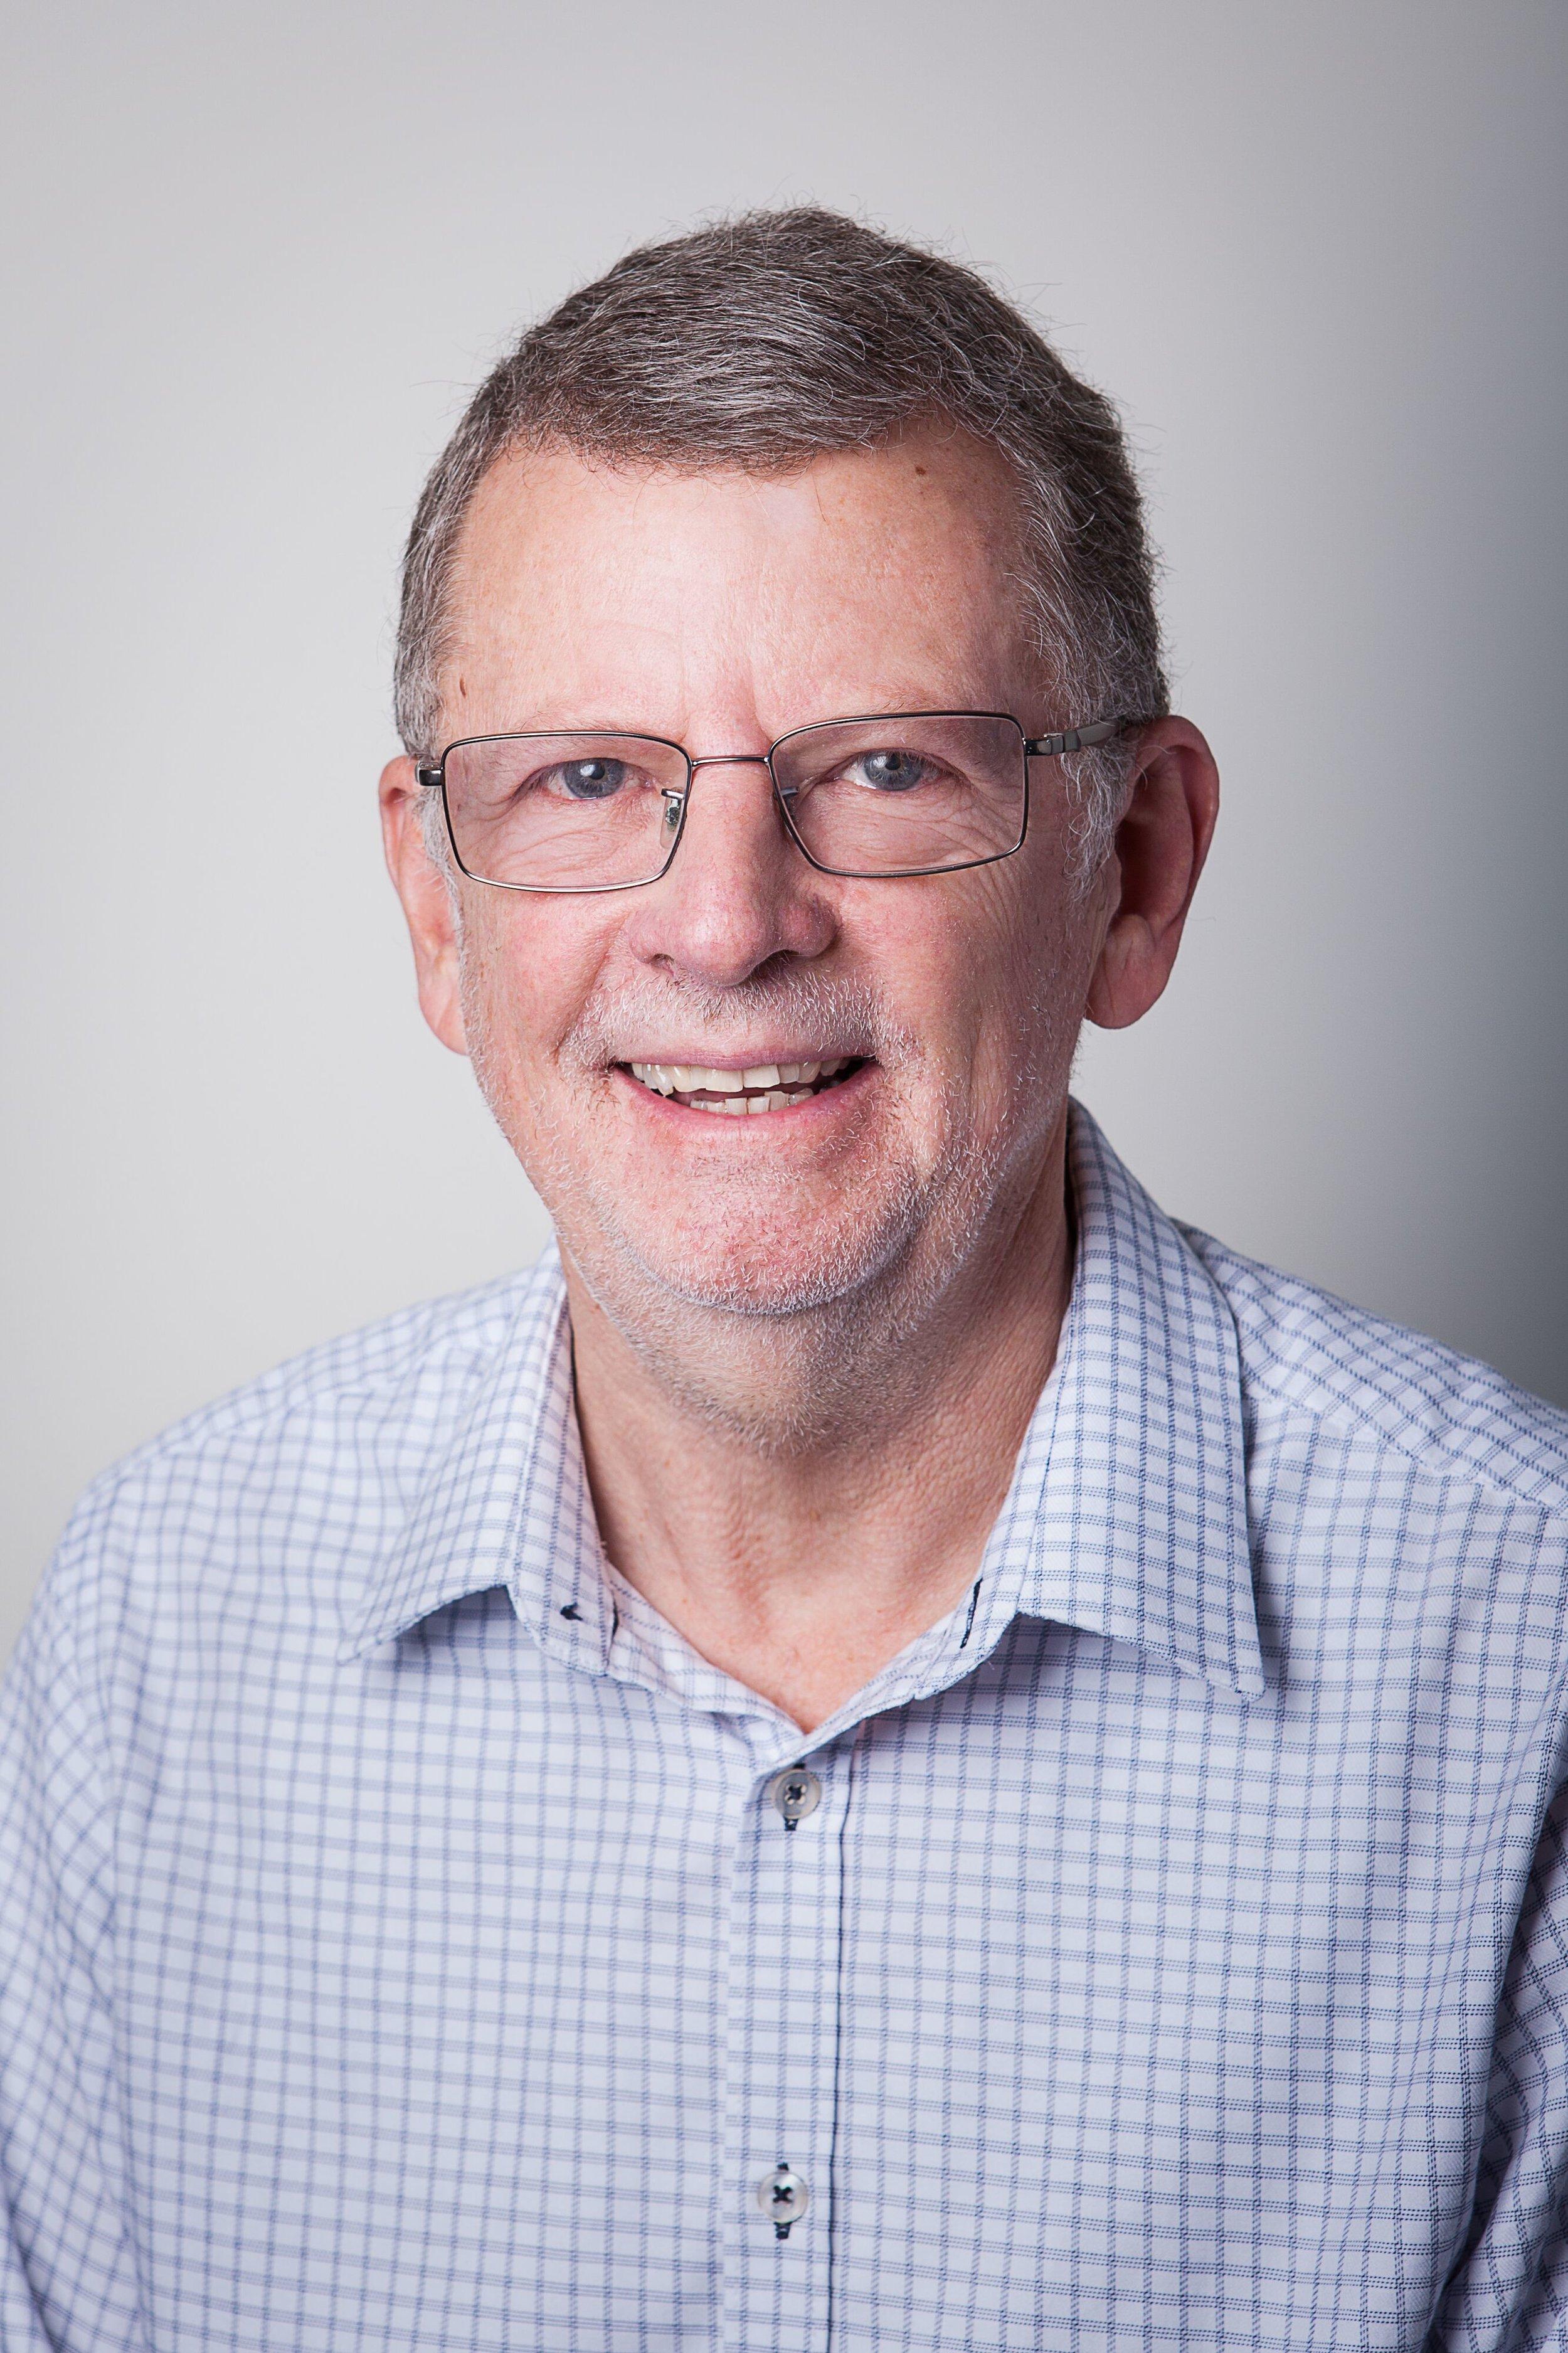 Emeritus Professor David StJohn   Chief Investigator   The University of Queensland